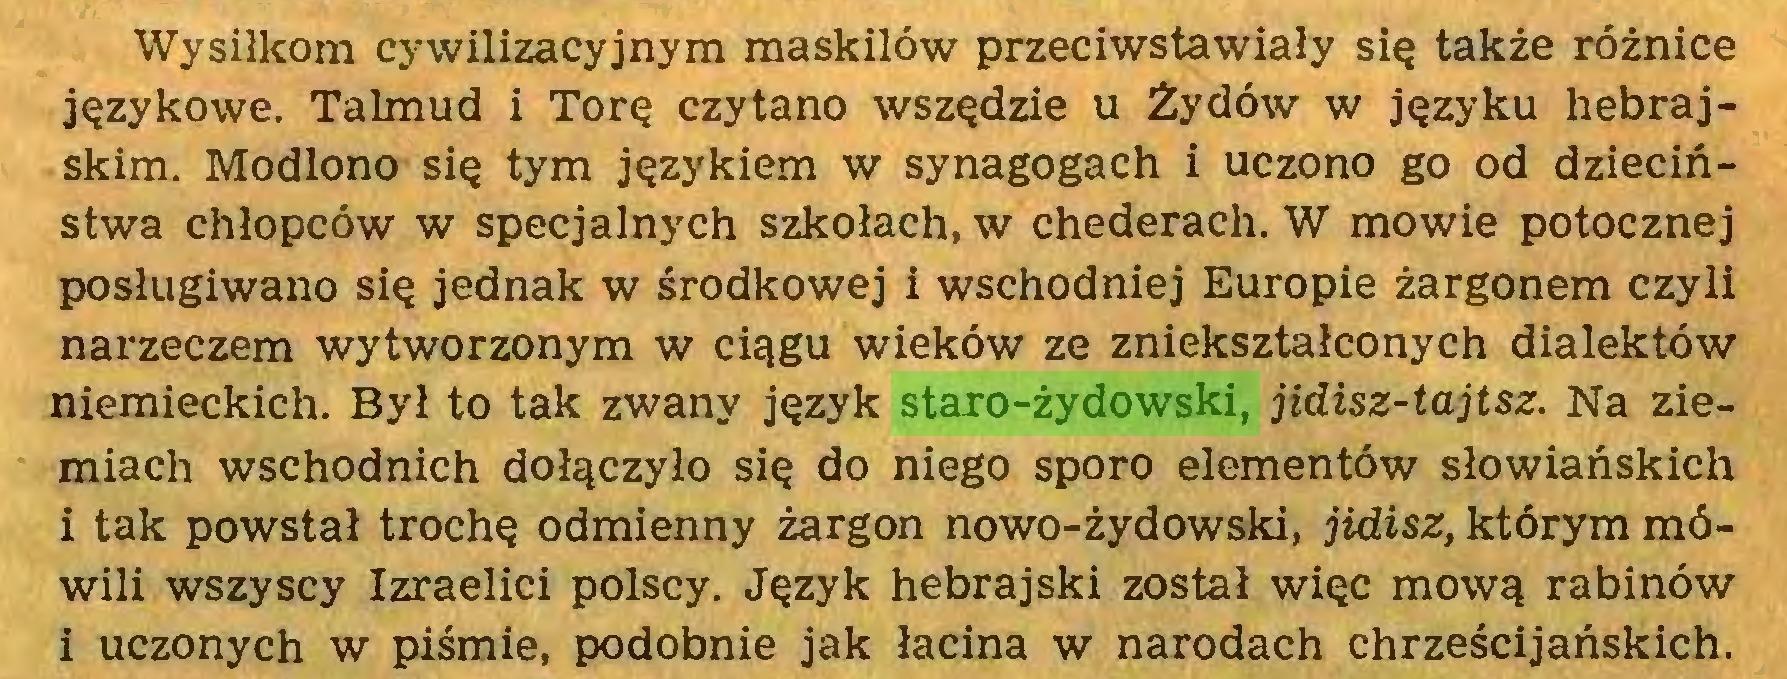 (...) Wysiłkom cywilizacyjnym maskilów przeciwstawiały się także różnice językowe. Talmud i Torę czytano wszędzie u Żydów w języku hebrajskim. Modlono się tym językiem w synagogach i uczono go od dzieciństwa chłopców w specjalnych szkołach, w chederach. W mowie potocznej posługiwano się jednak w środkowej i wschodniej Europie żargonem czyli narzeczem wytworzonym w ciągu wieków ze zniekształconych dialektów niemieckich. Był to tak zwany język staro-żydowski, jidisz-tajtsz. Na ziemiach wschodnich dołączyło się do niego sporo elementów słowiańskich i tak powstał trochę odmienny żargon nowo-żydowski, jidisz, którym mówili wszyscy Izraelici polscy. Język hebrajski został więc mową rabinów i uczonych w piśmie, podobnie jak łacina w narodach chrześcijańskich...